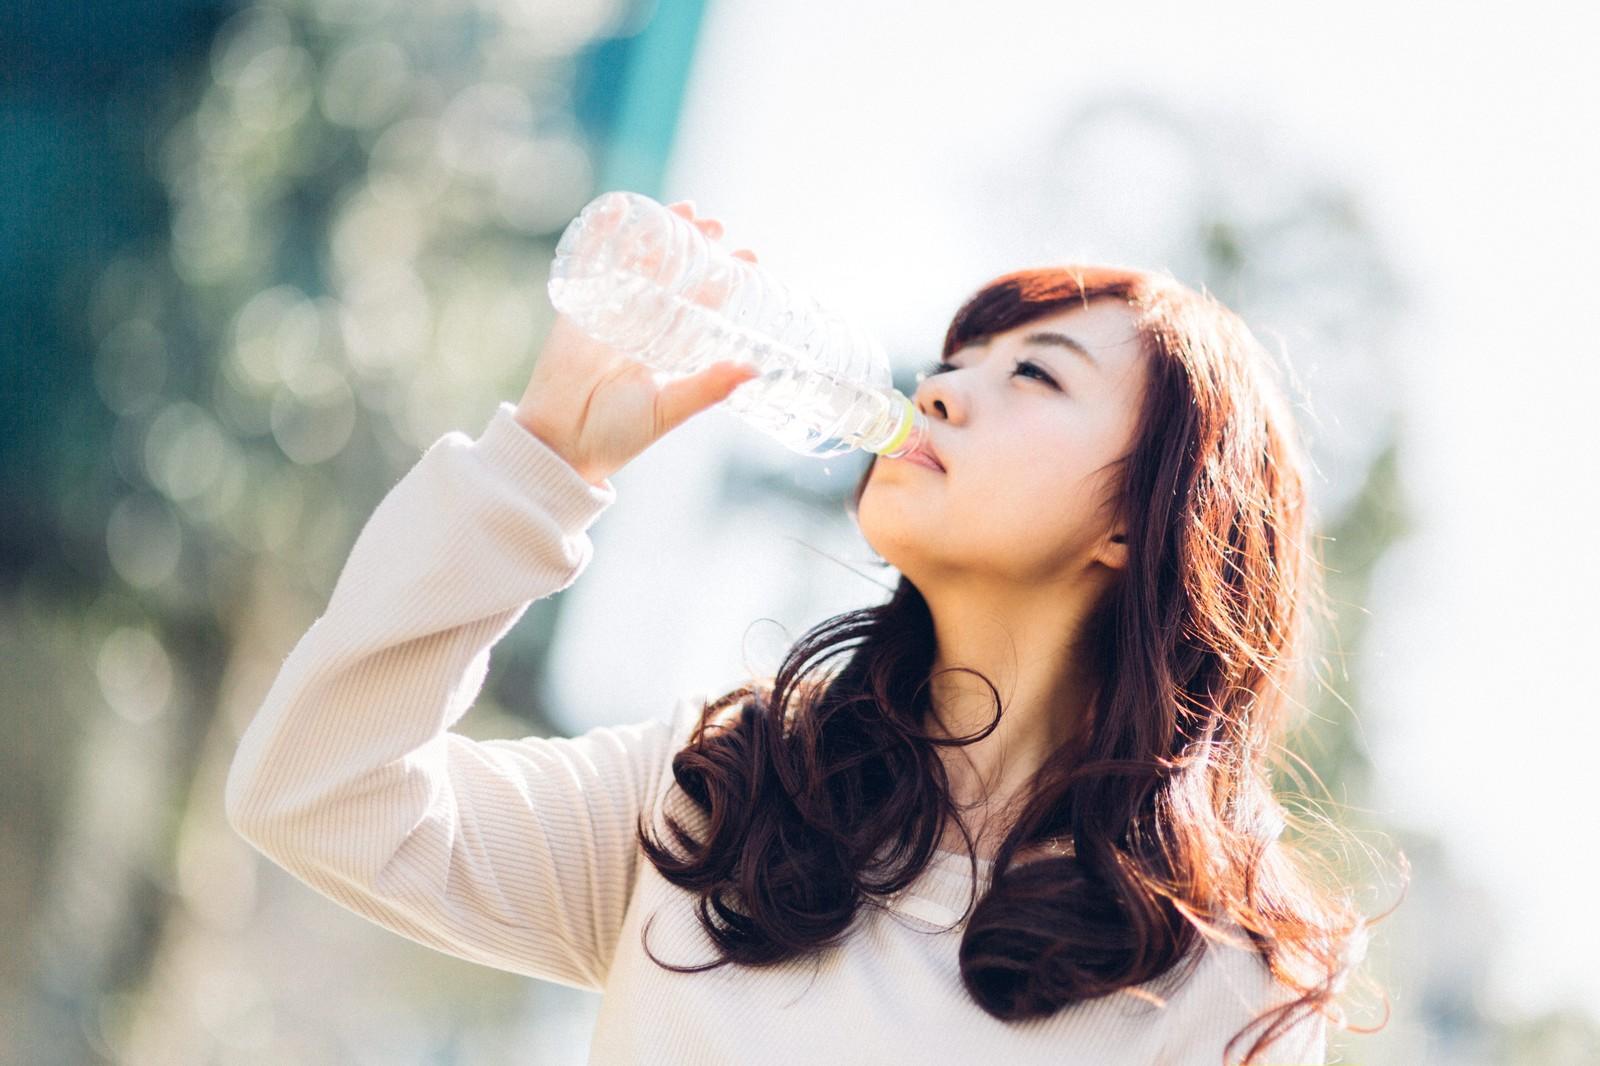 水素水に関するお役立ちページの紹介